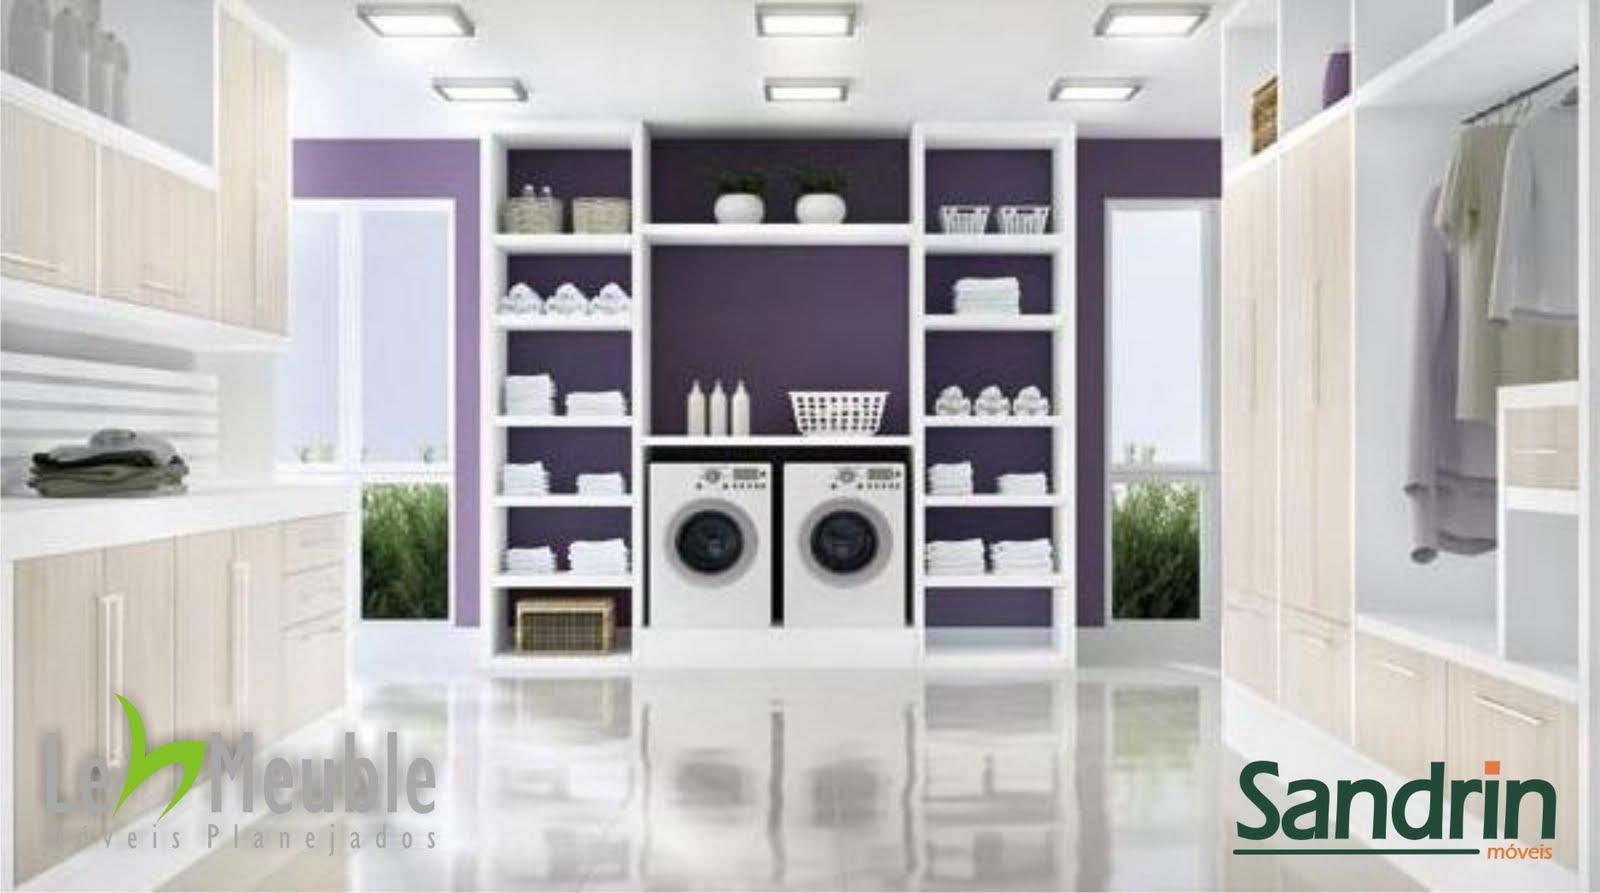 #465D41 Le Meuble Projetos de Interiores: Catálogo Sandrin Lavanderias 226 Janelas De Vidro Para Lavanderia